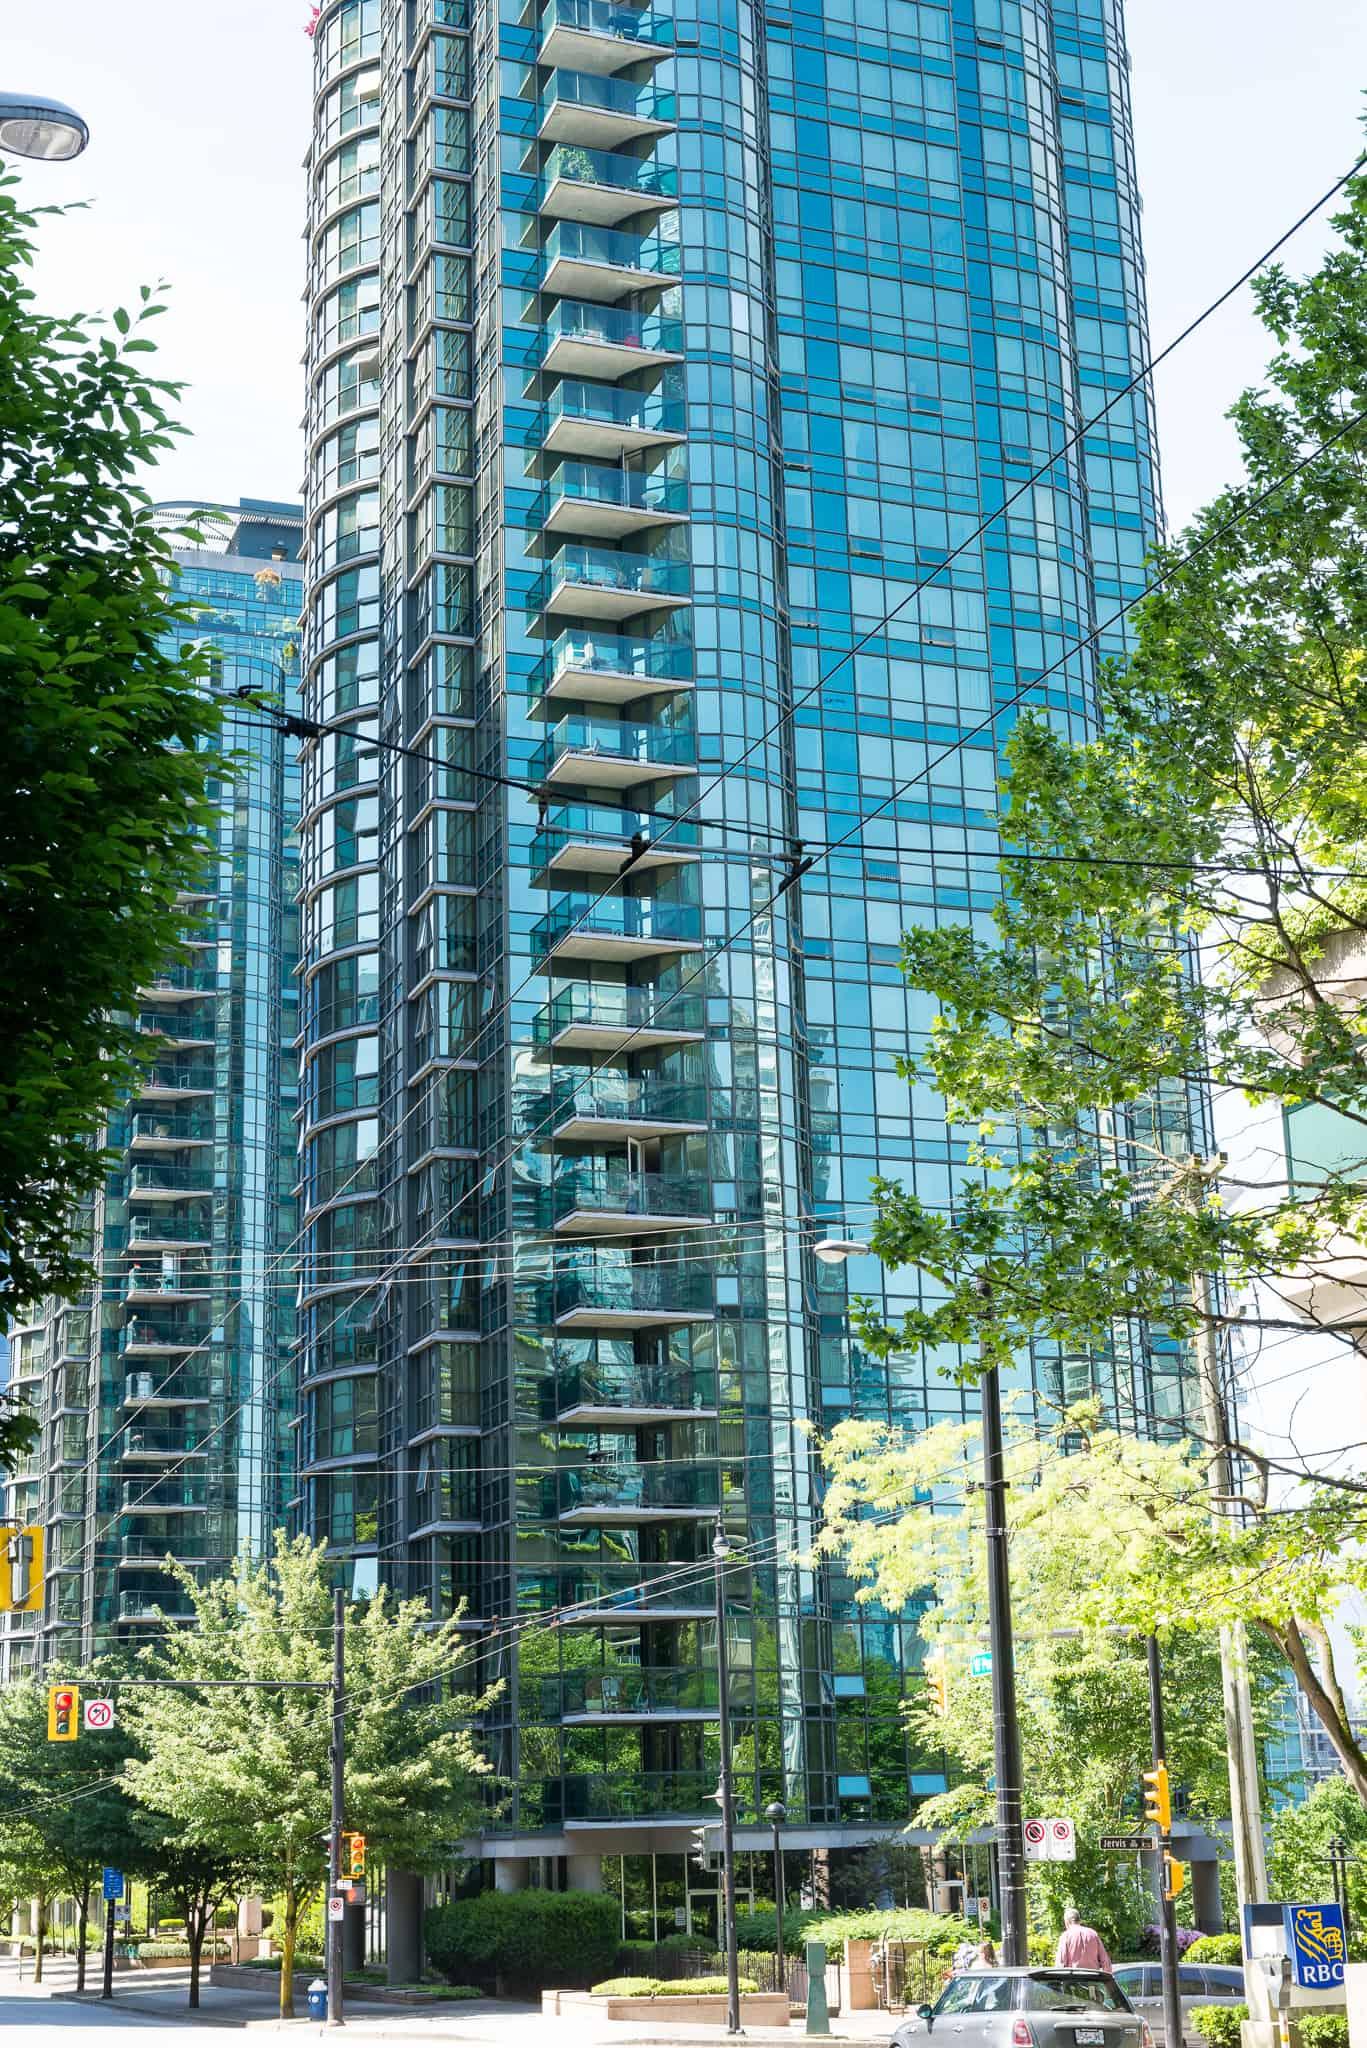 555 Jervis, Vancouver BC - Harbourside Park